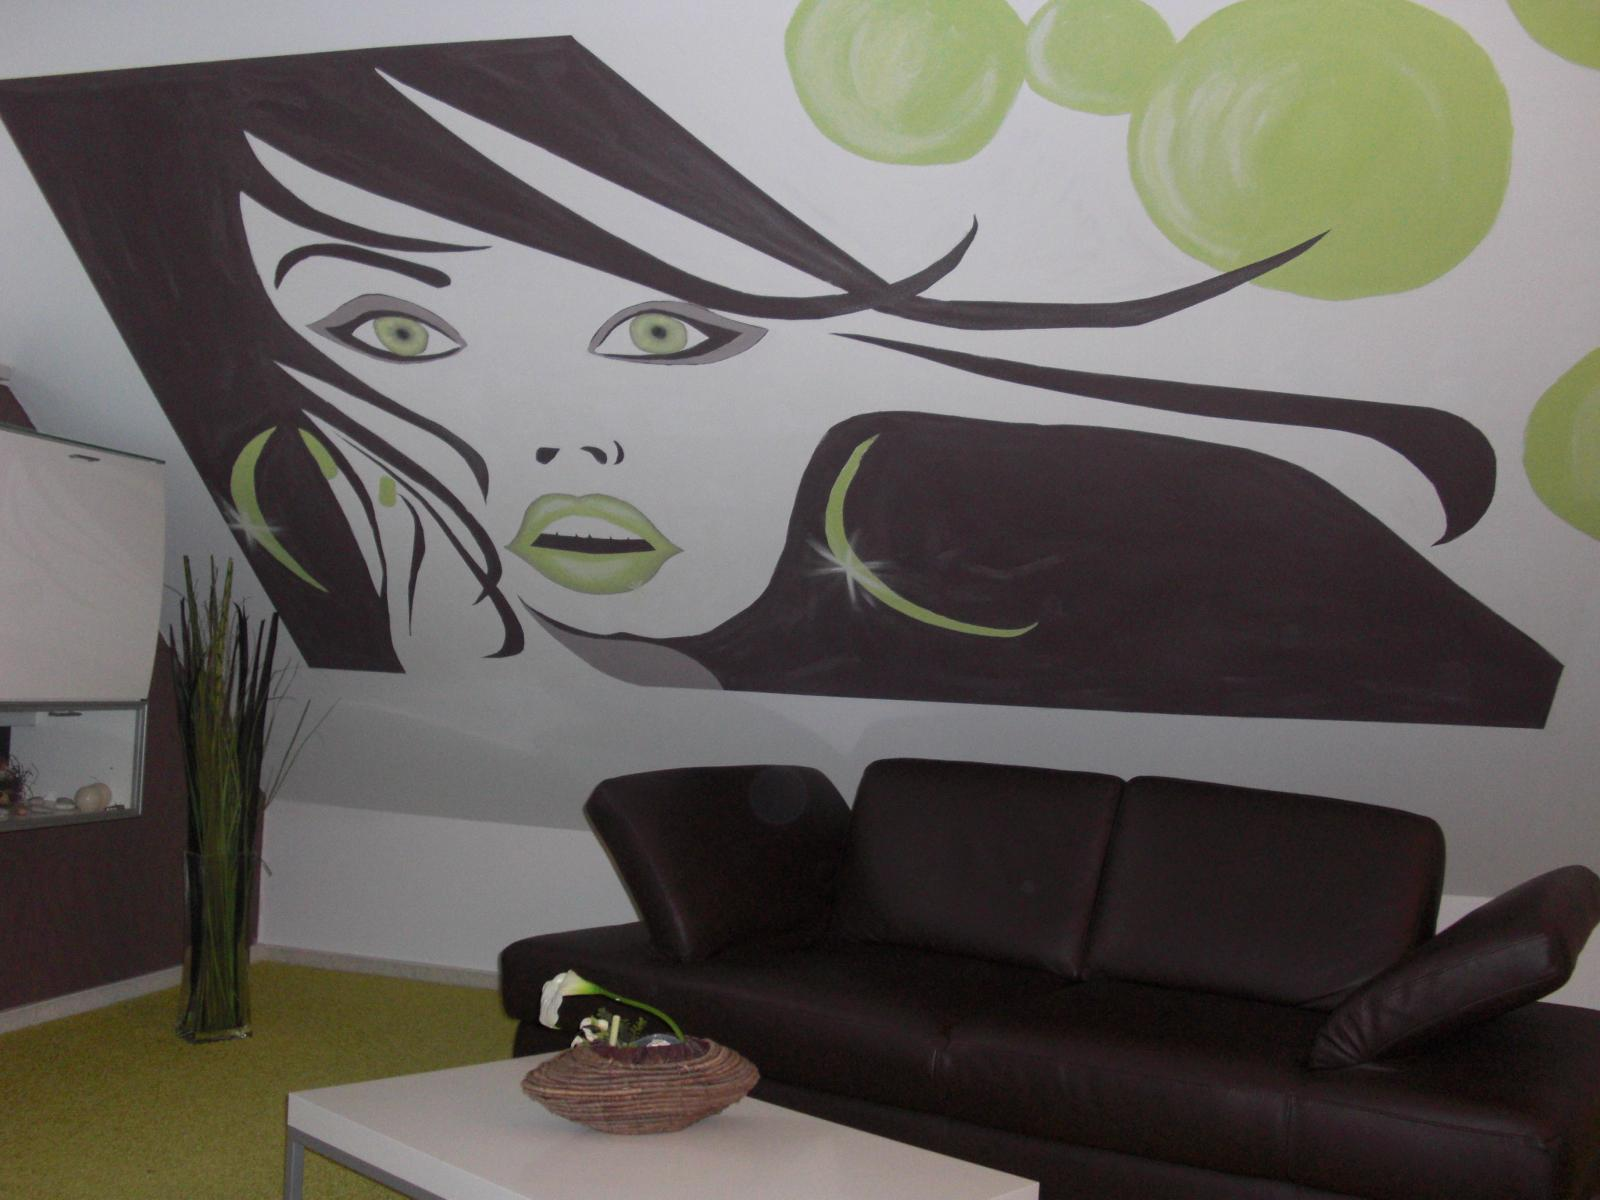 Dachschr ge bilder ideen couchstyle for Jugendzimmer tisch